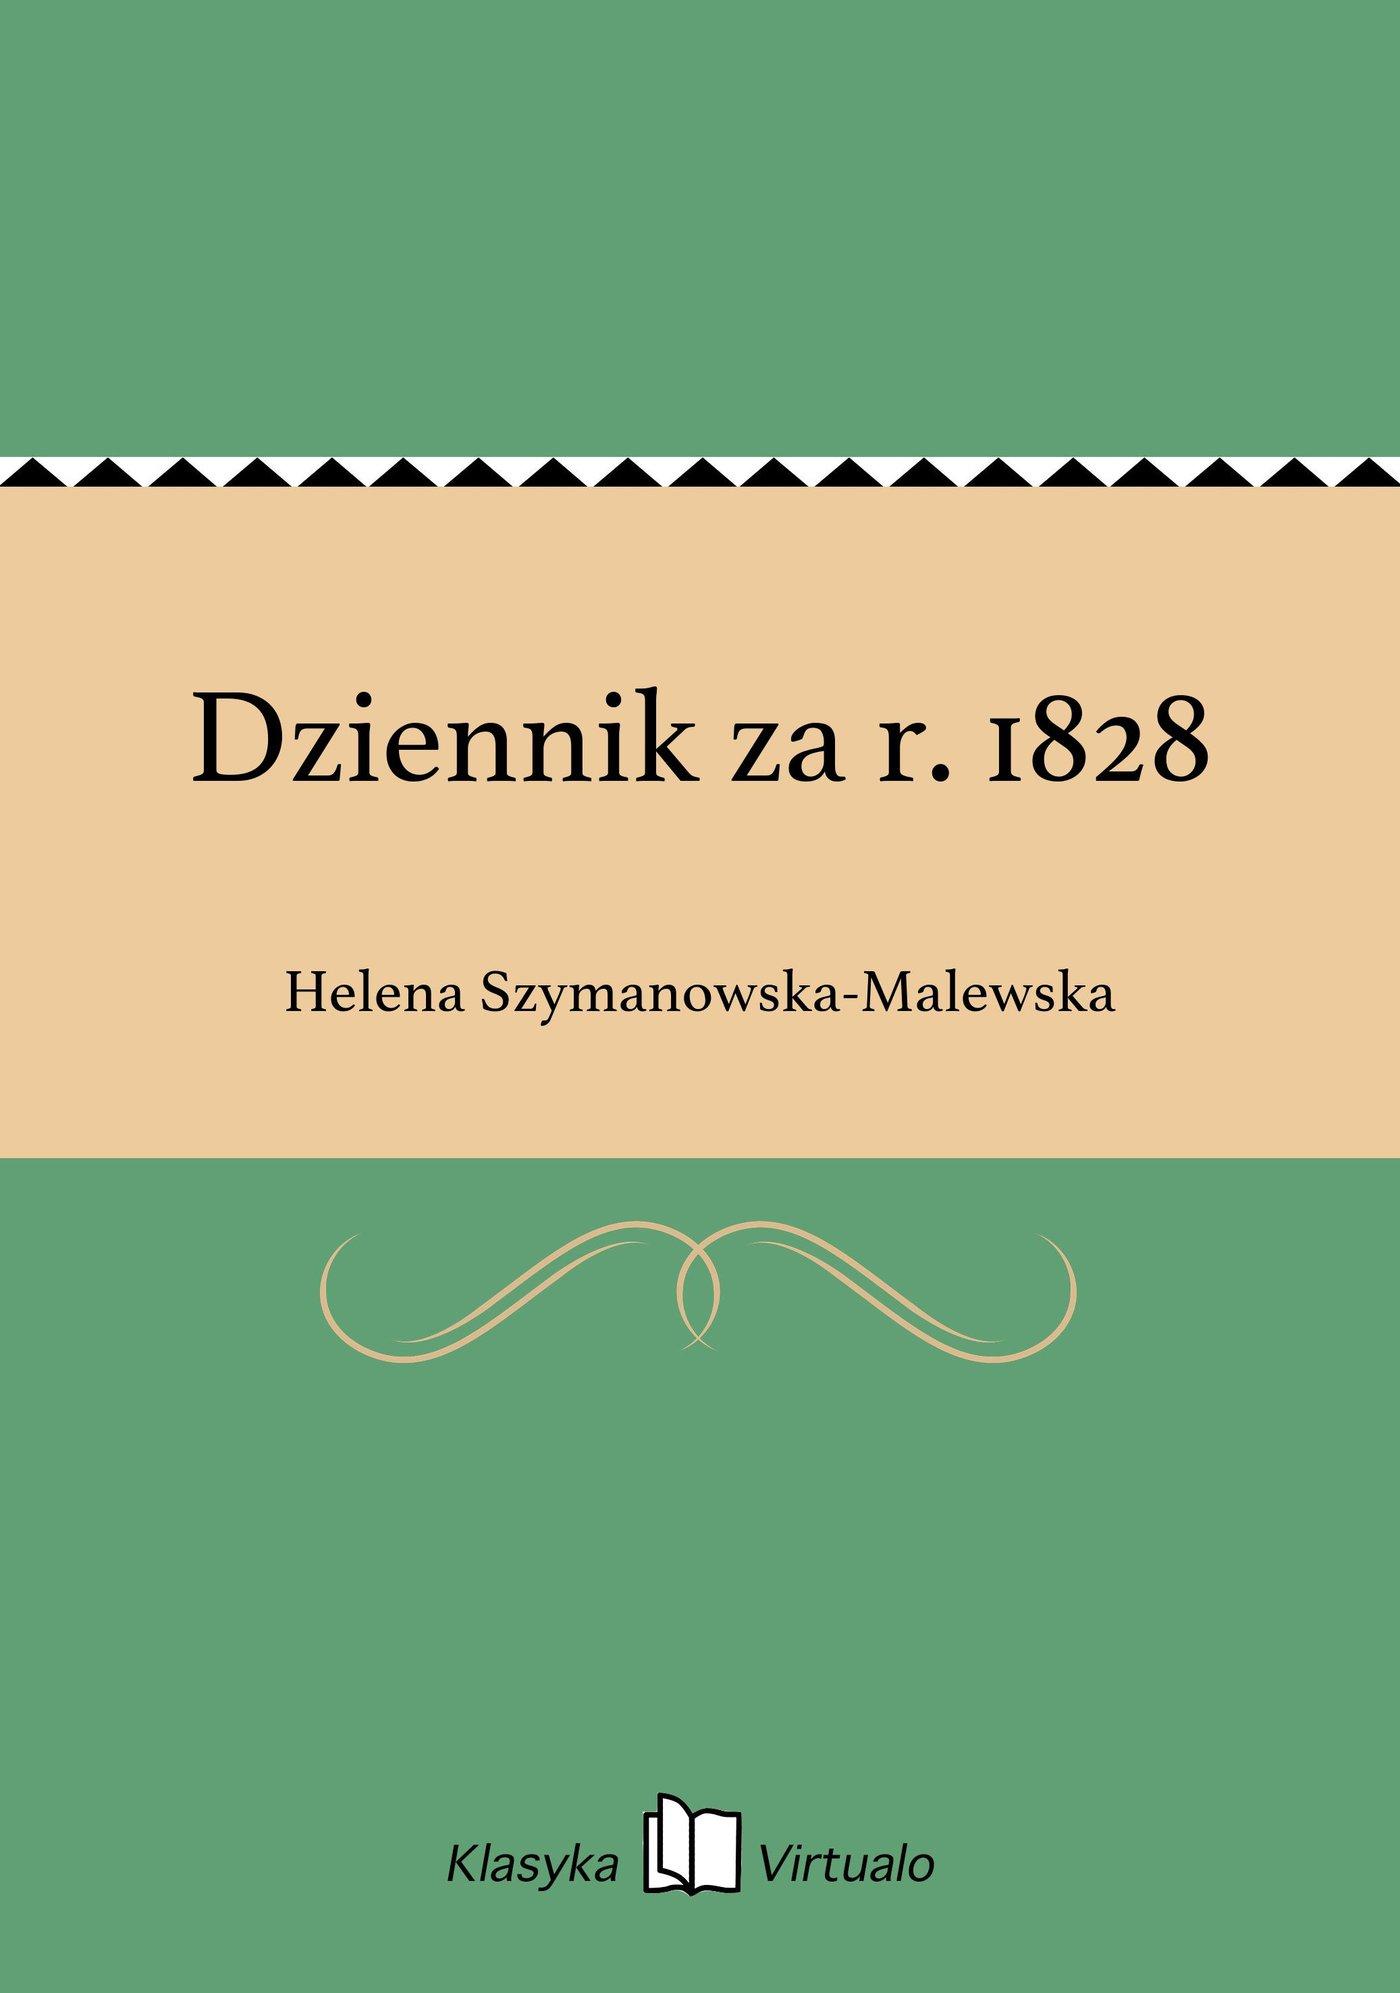 Dziennik za r. 1828 - Ebook (Książka EPUB) do pobrania w formacie EPUB